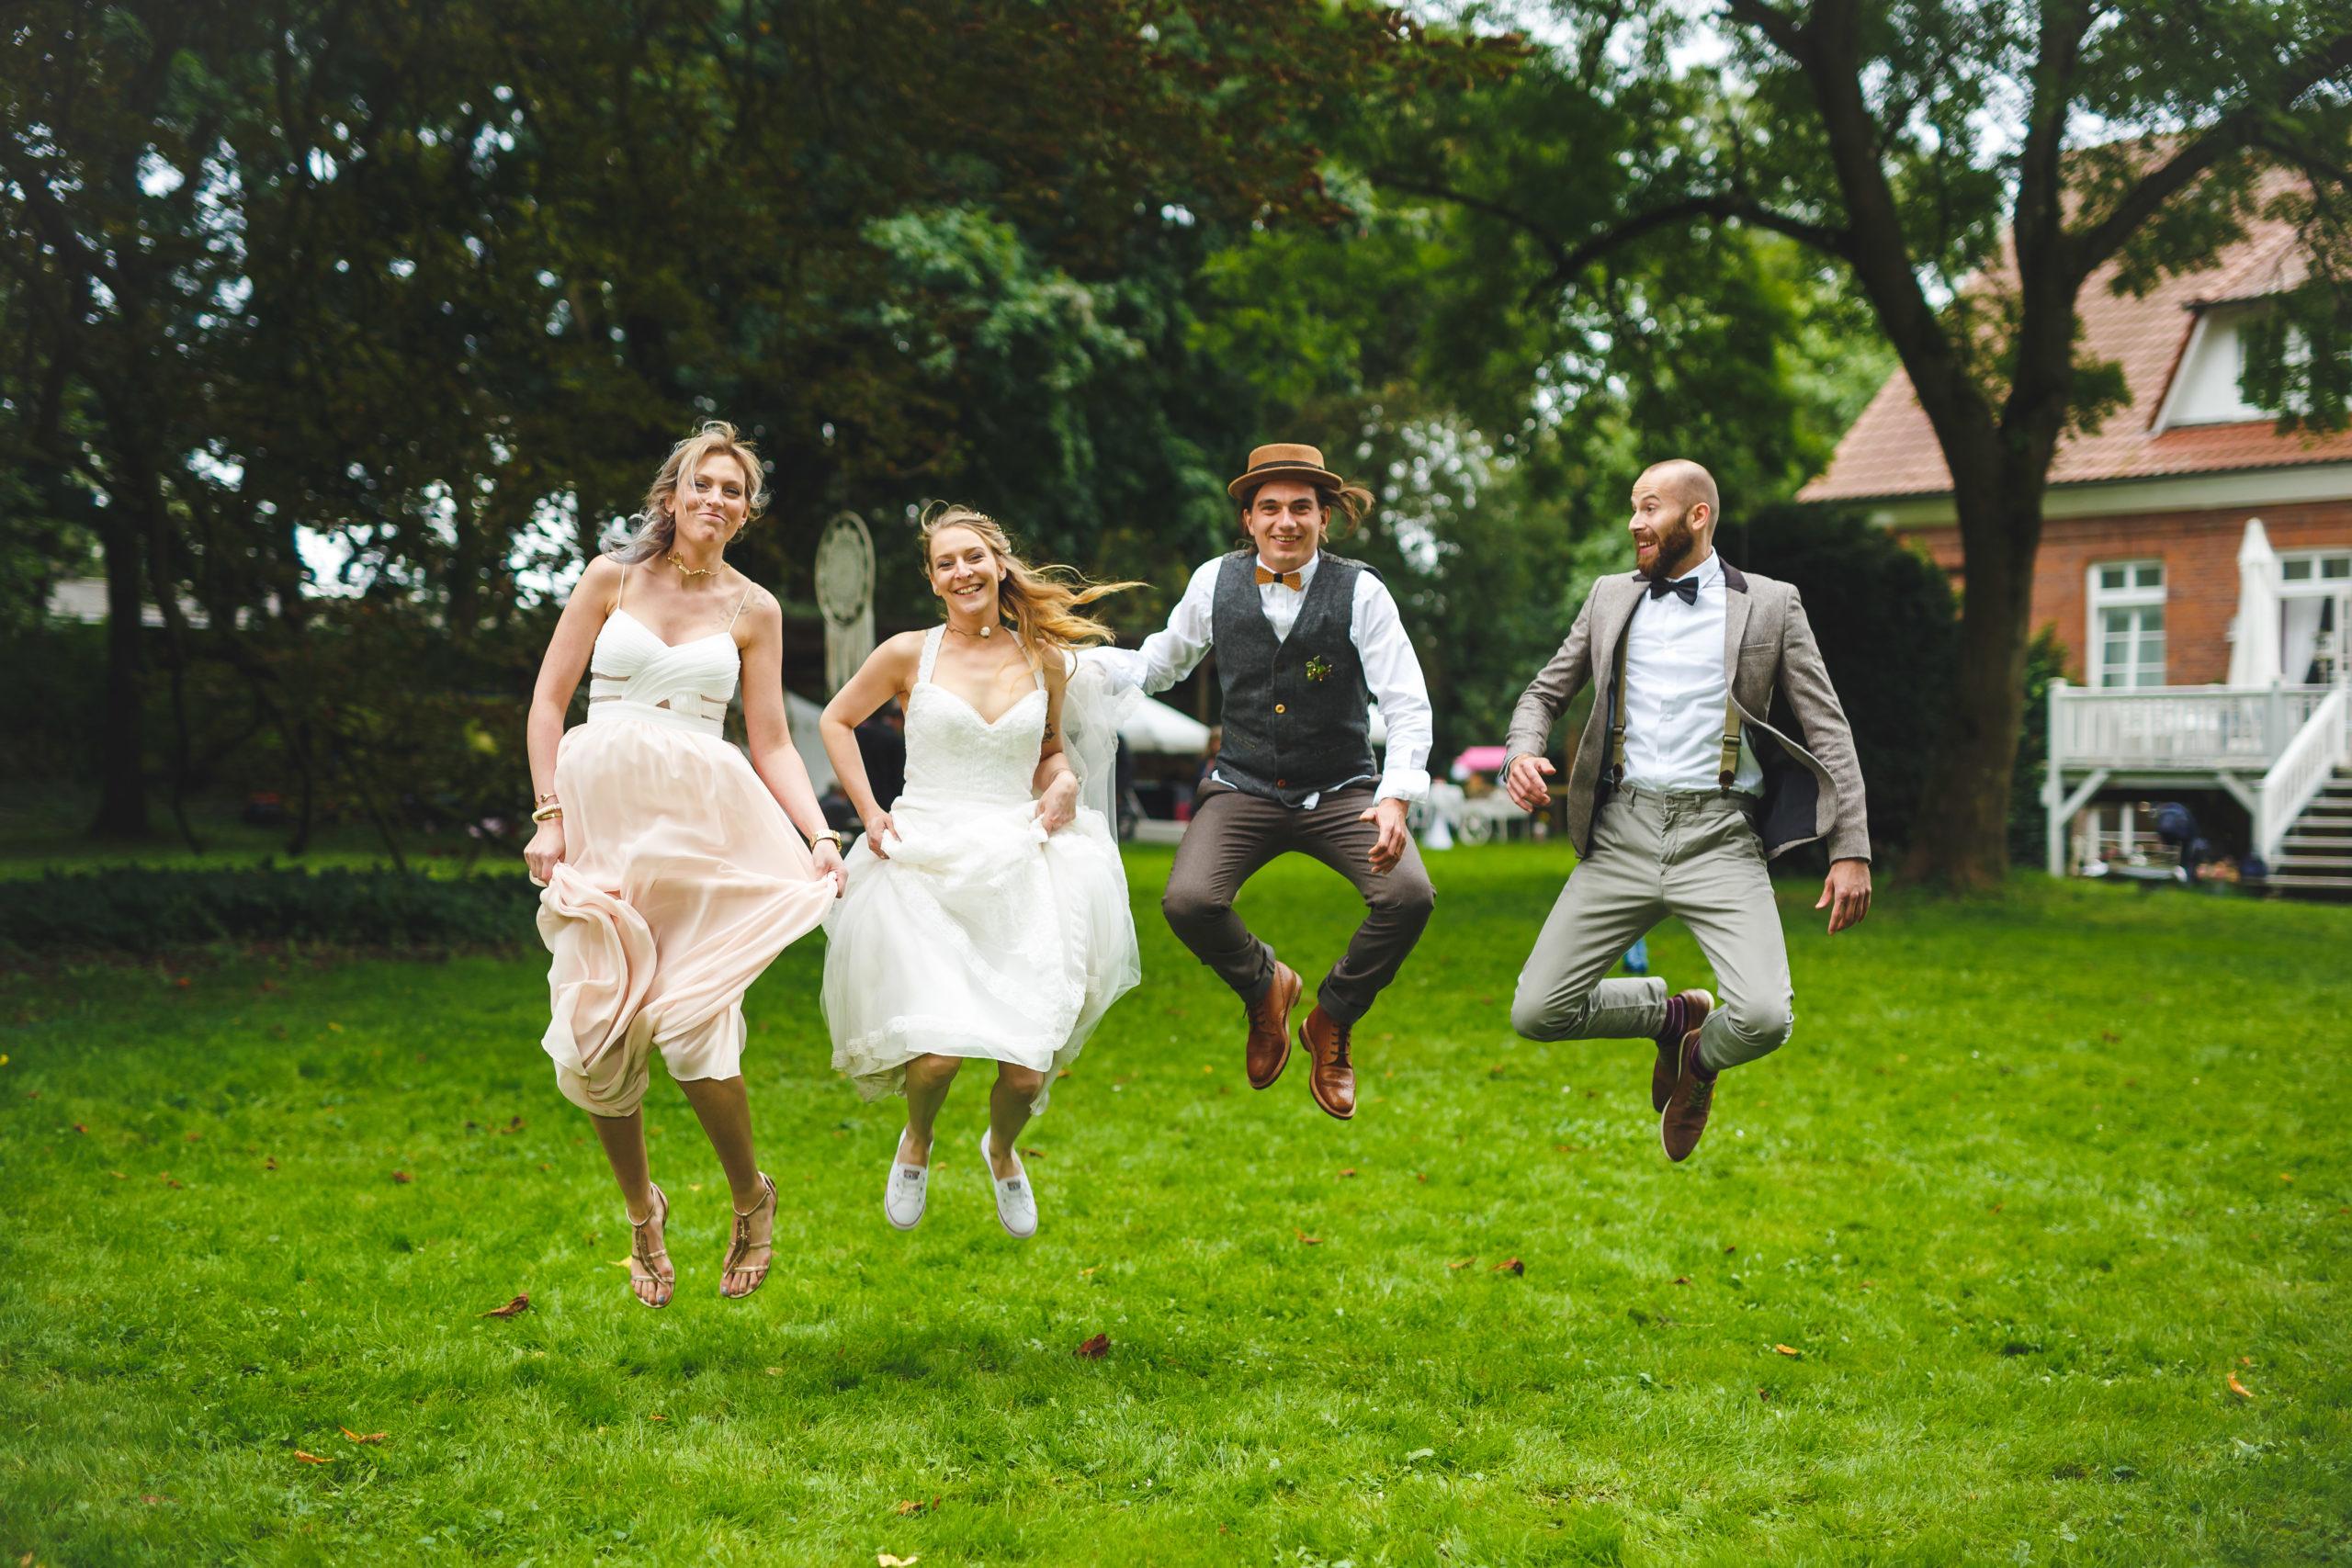 Hochzeitsfotograf an der Ostsee - newpic.eu by Toni Kretschmer